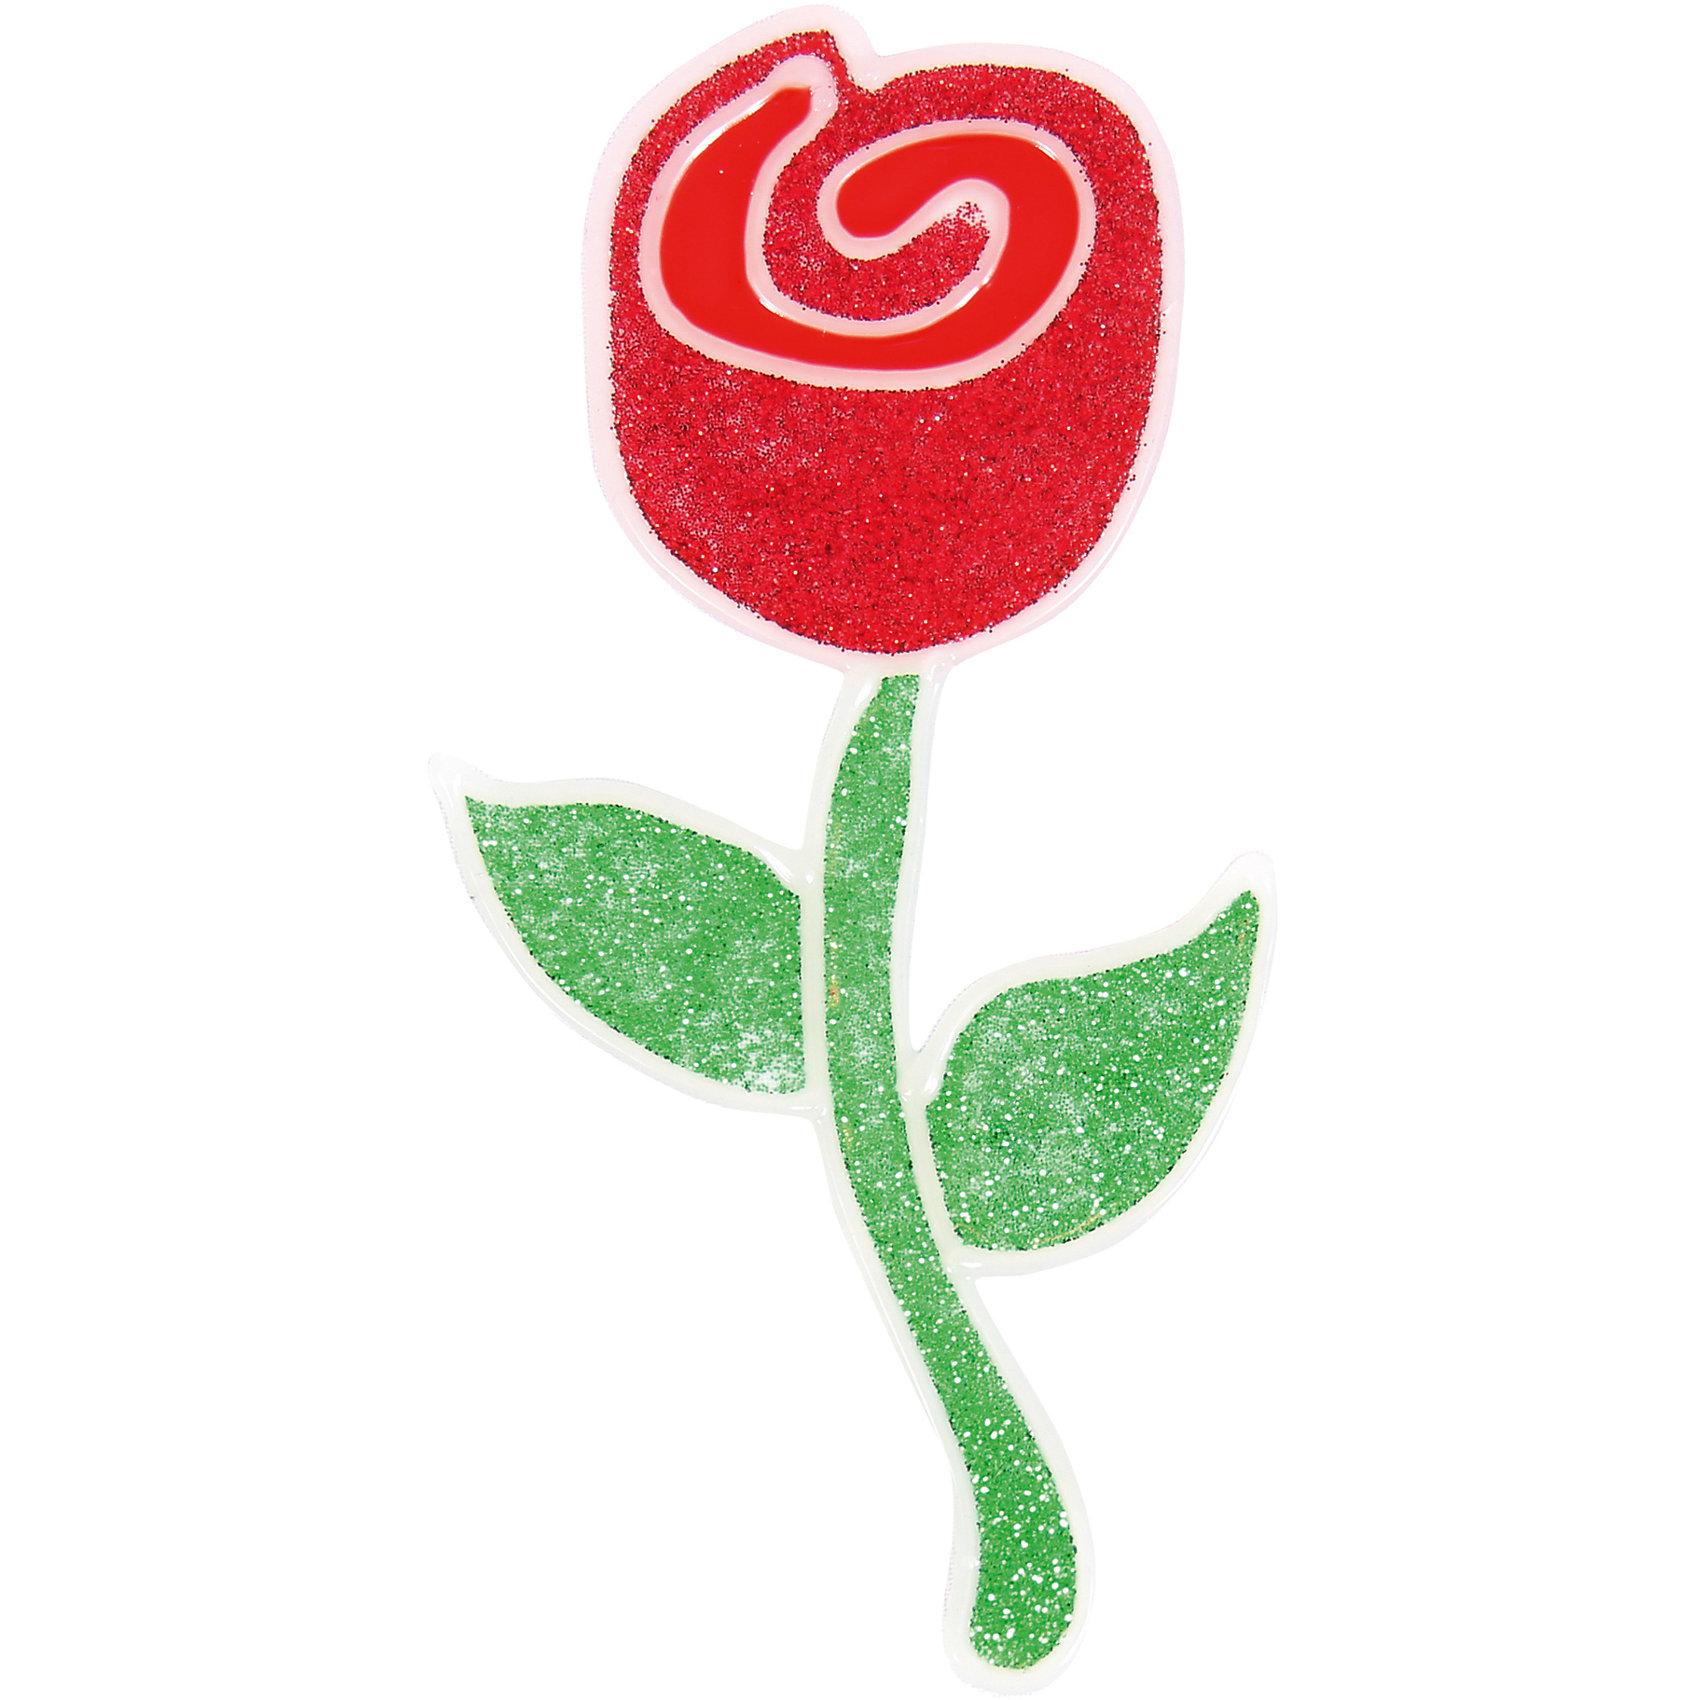 Наклейка на окно РозаНаклейка на окно Роза, Волшебная страна, замечательно украсит Ваш интерьер и создаст праздничное настроение. Наклейка выполнена в виде красивого розового бутона с зеленым стеблем и листьями. <br><br>Дополнительная информация:<br><br>- Размер наклейки: 15,5 см.<br>- Вес: 18 гр. <br><br>Наклейку на окно Роза, Волшебная страна, можно купить в нашем интернет-магазине.<br><br>Ширина мм: 160<br>Глубина мм: 1<br>Высота мм: 230<br>Вес г: 18<br>Возраст от месяцев: 36<br>Возраст до месяцев: 2147483647<br>Пол: Унисекс<br>Возраст: Детский<br>SKU: 4288624